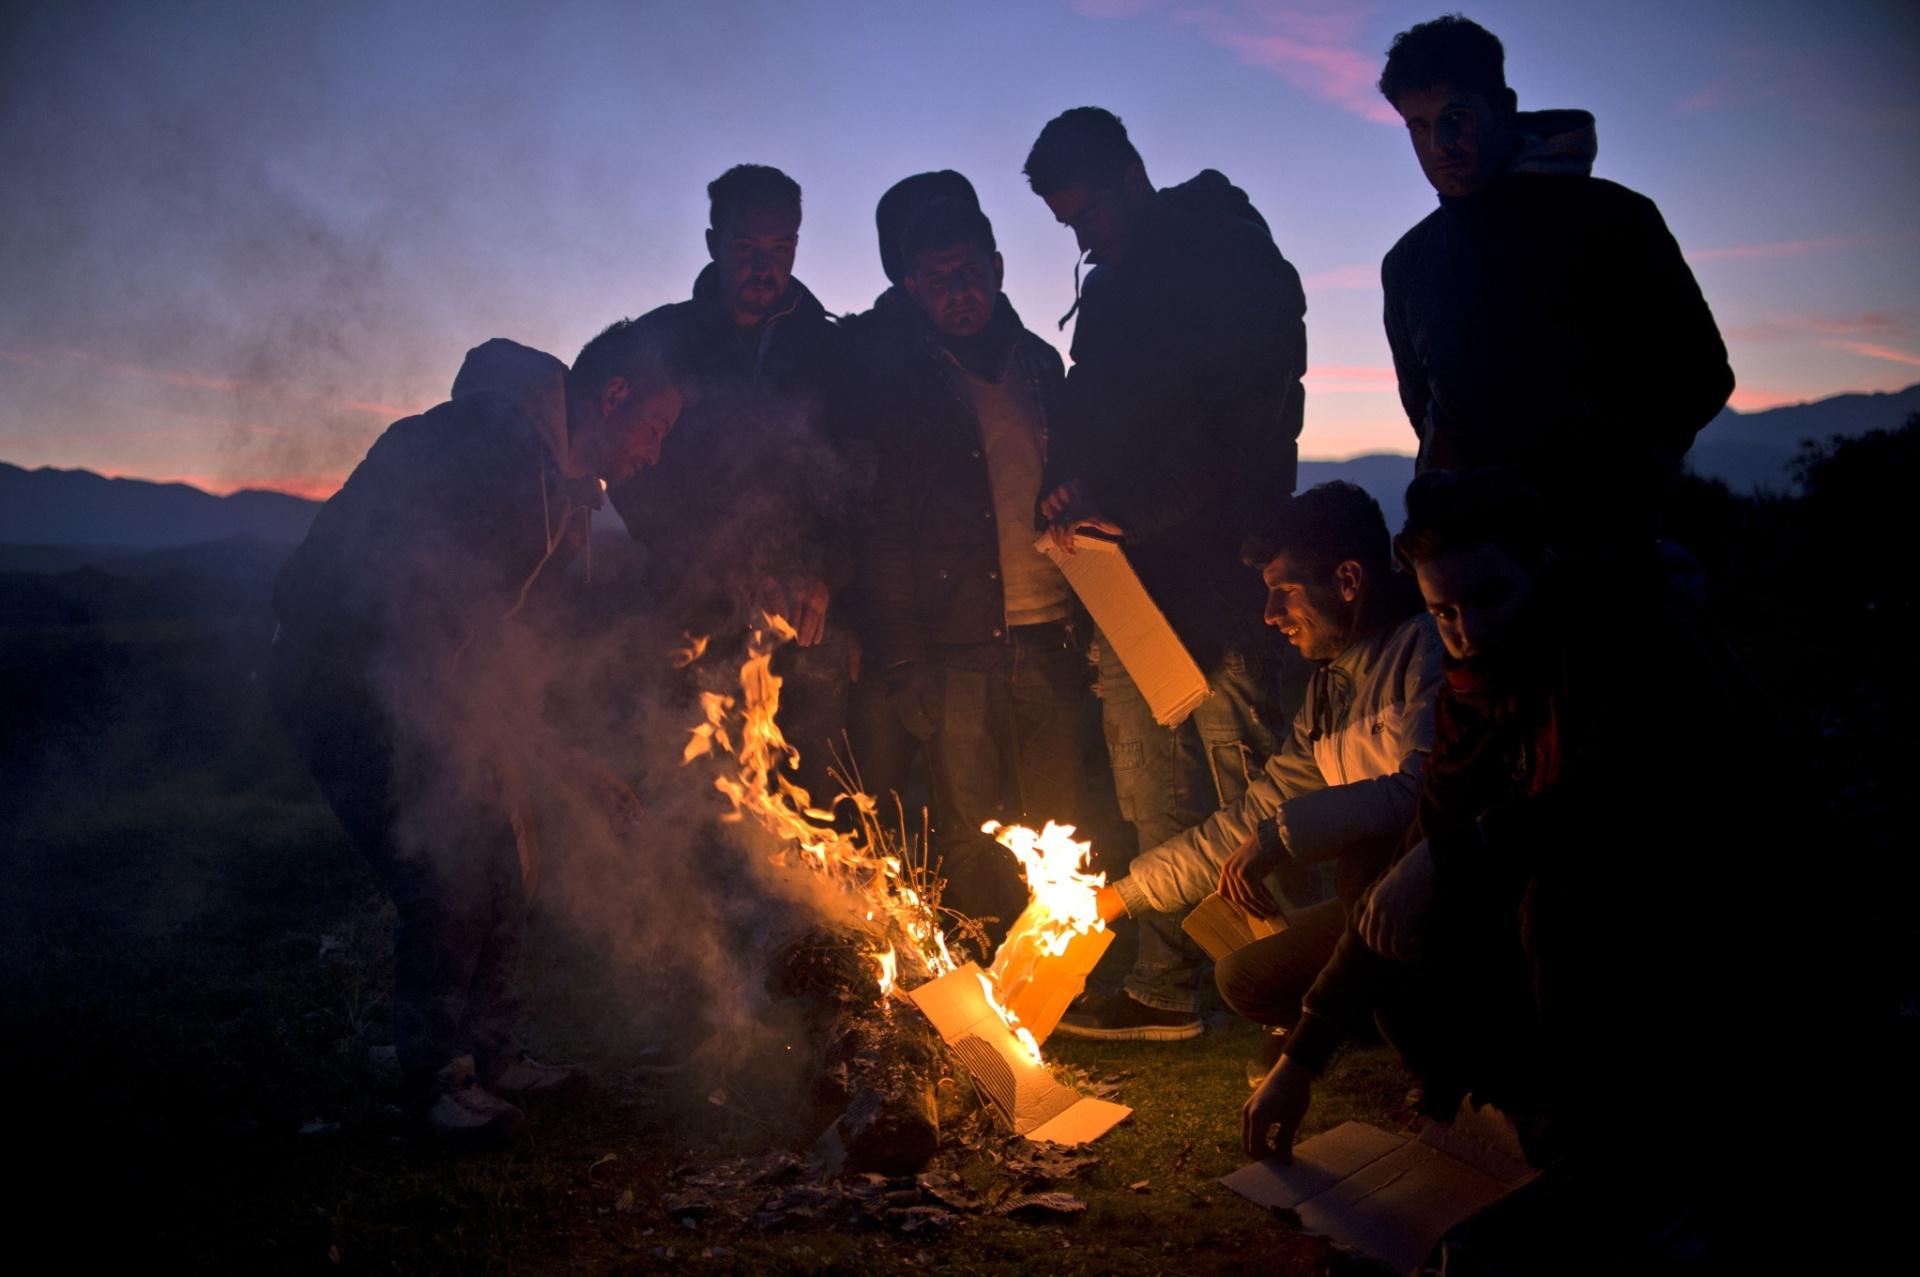 4.nov.2015 - Refugiados fazem fogueira para se aquecer enquanto esperam para entrar em acampamento, depois de terem atravessado a fronteira entre Grécia e Macedônia. Mais de 218 mil refugiados atravessaram do mediterrâneo para a Europa em outubro mais do que toda a onda migratória em 2014, segundo a ONU (Organização das Nações Unidas)